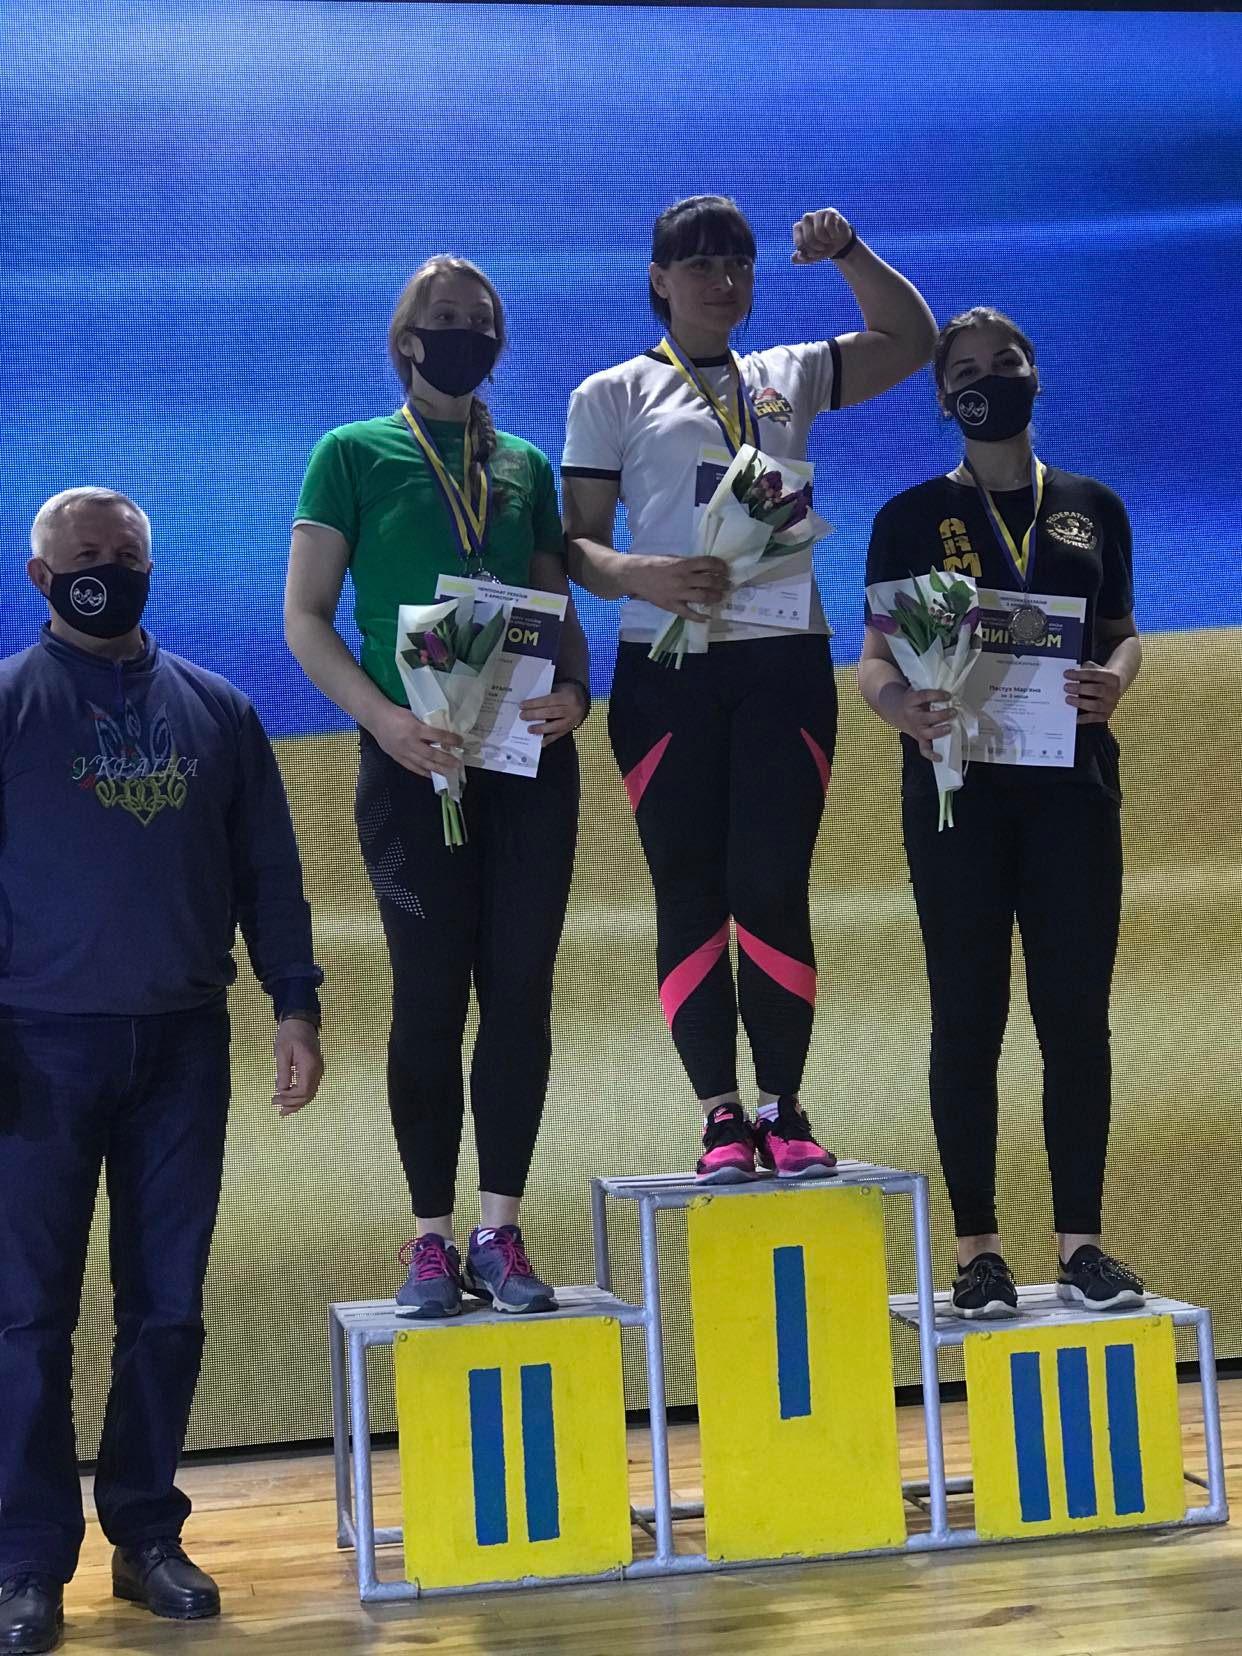 чемпіонат України з армспорту, Кременець. Фото